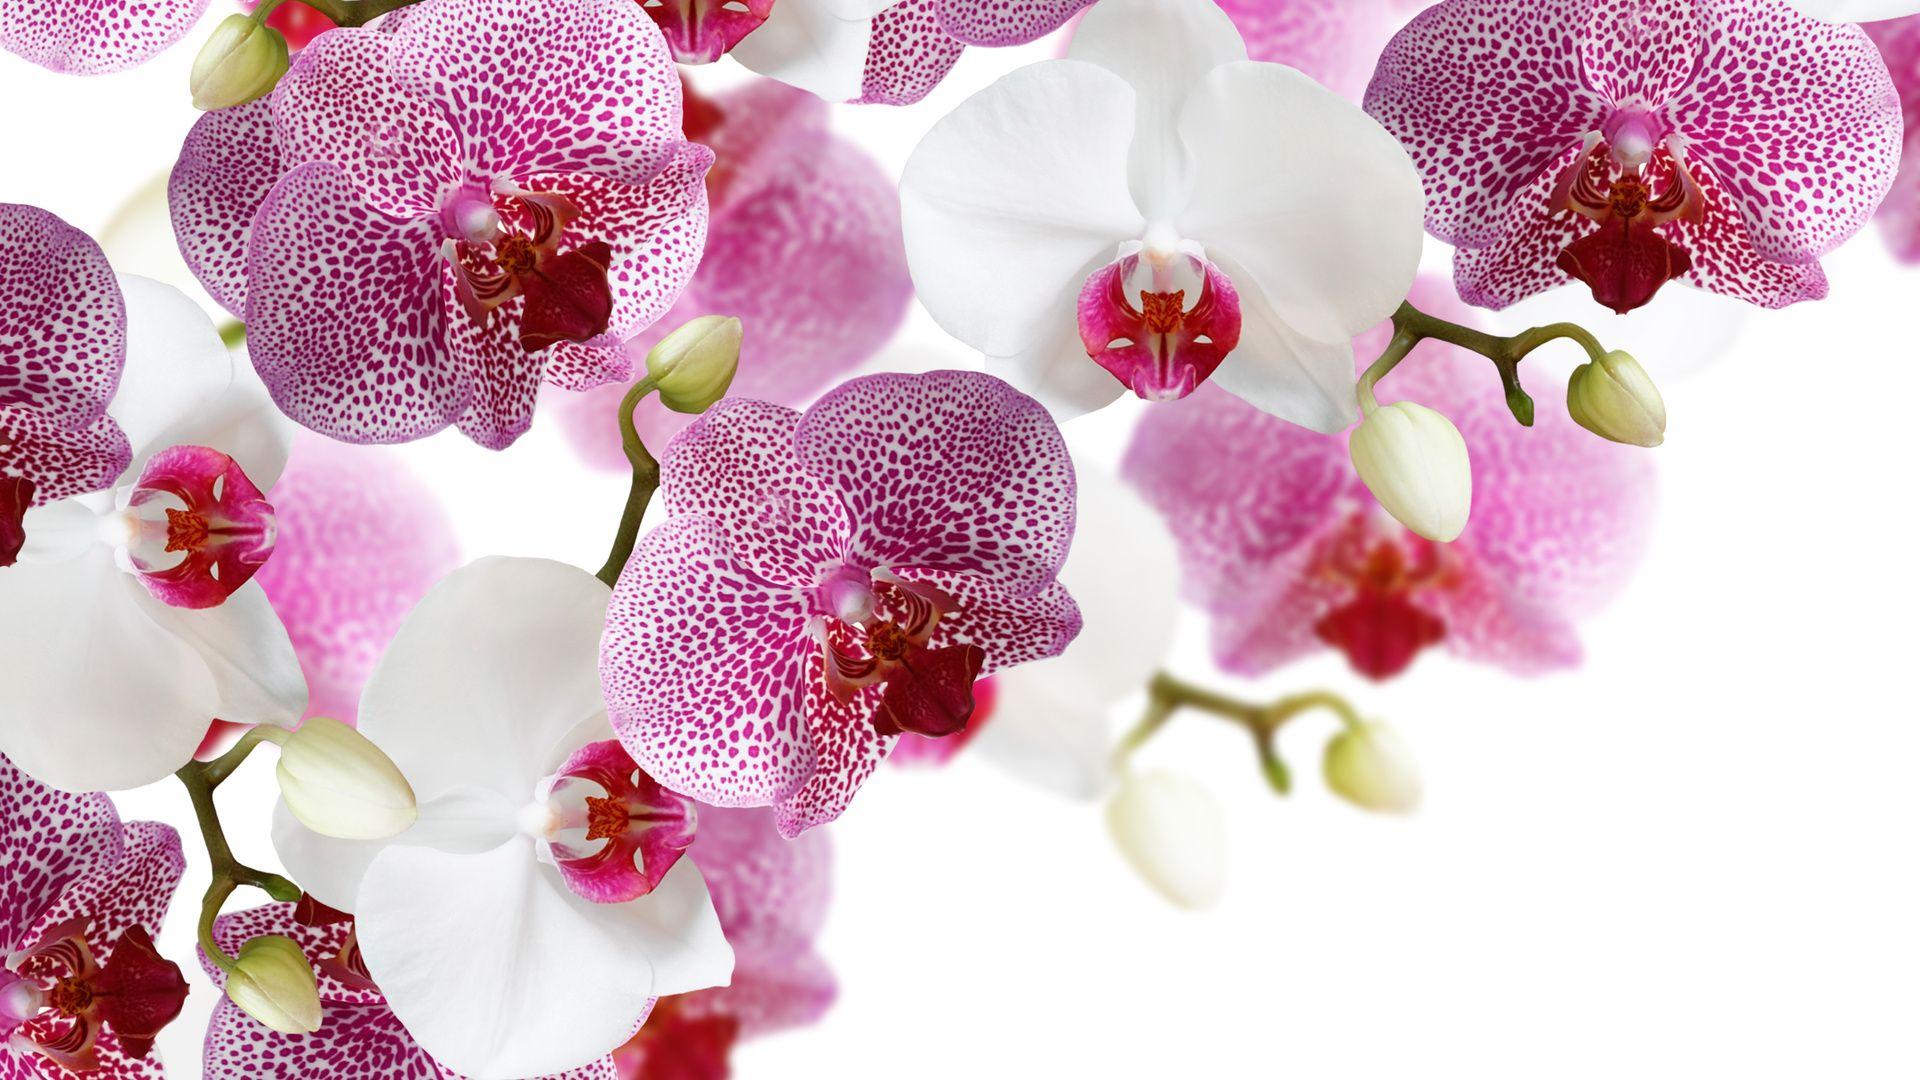 Резултат со слика за photoos of орхидеи